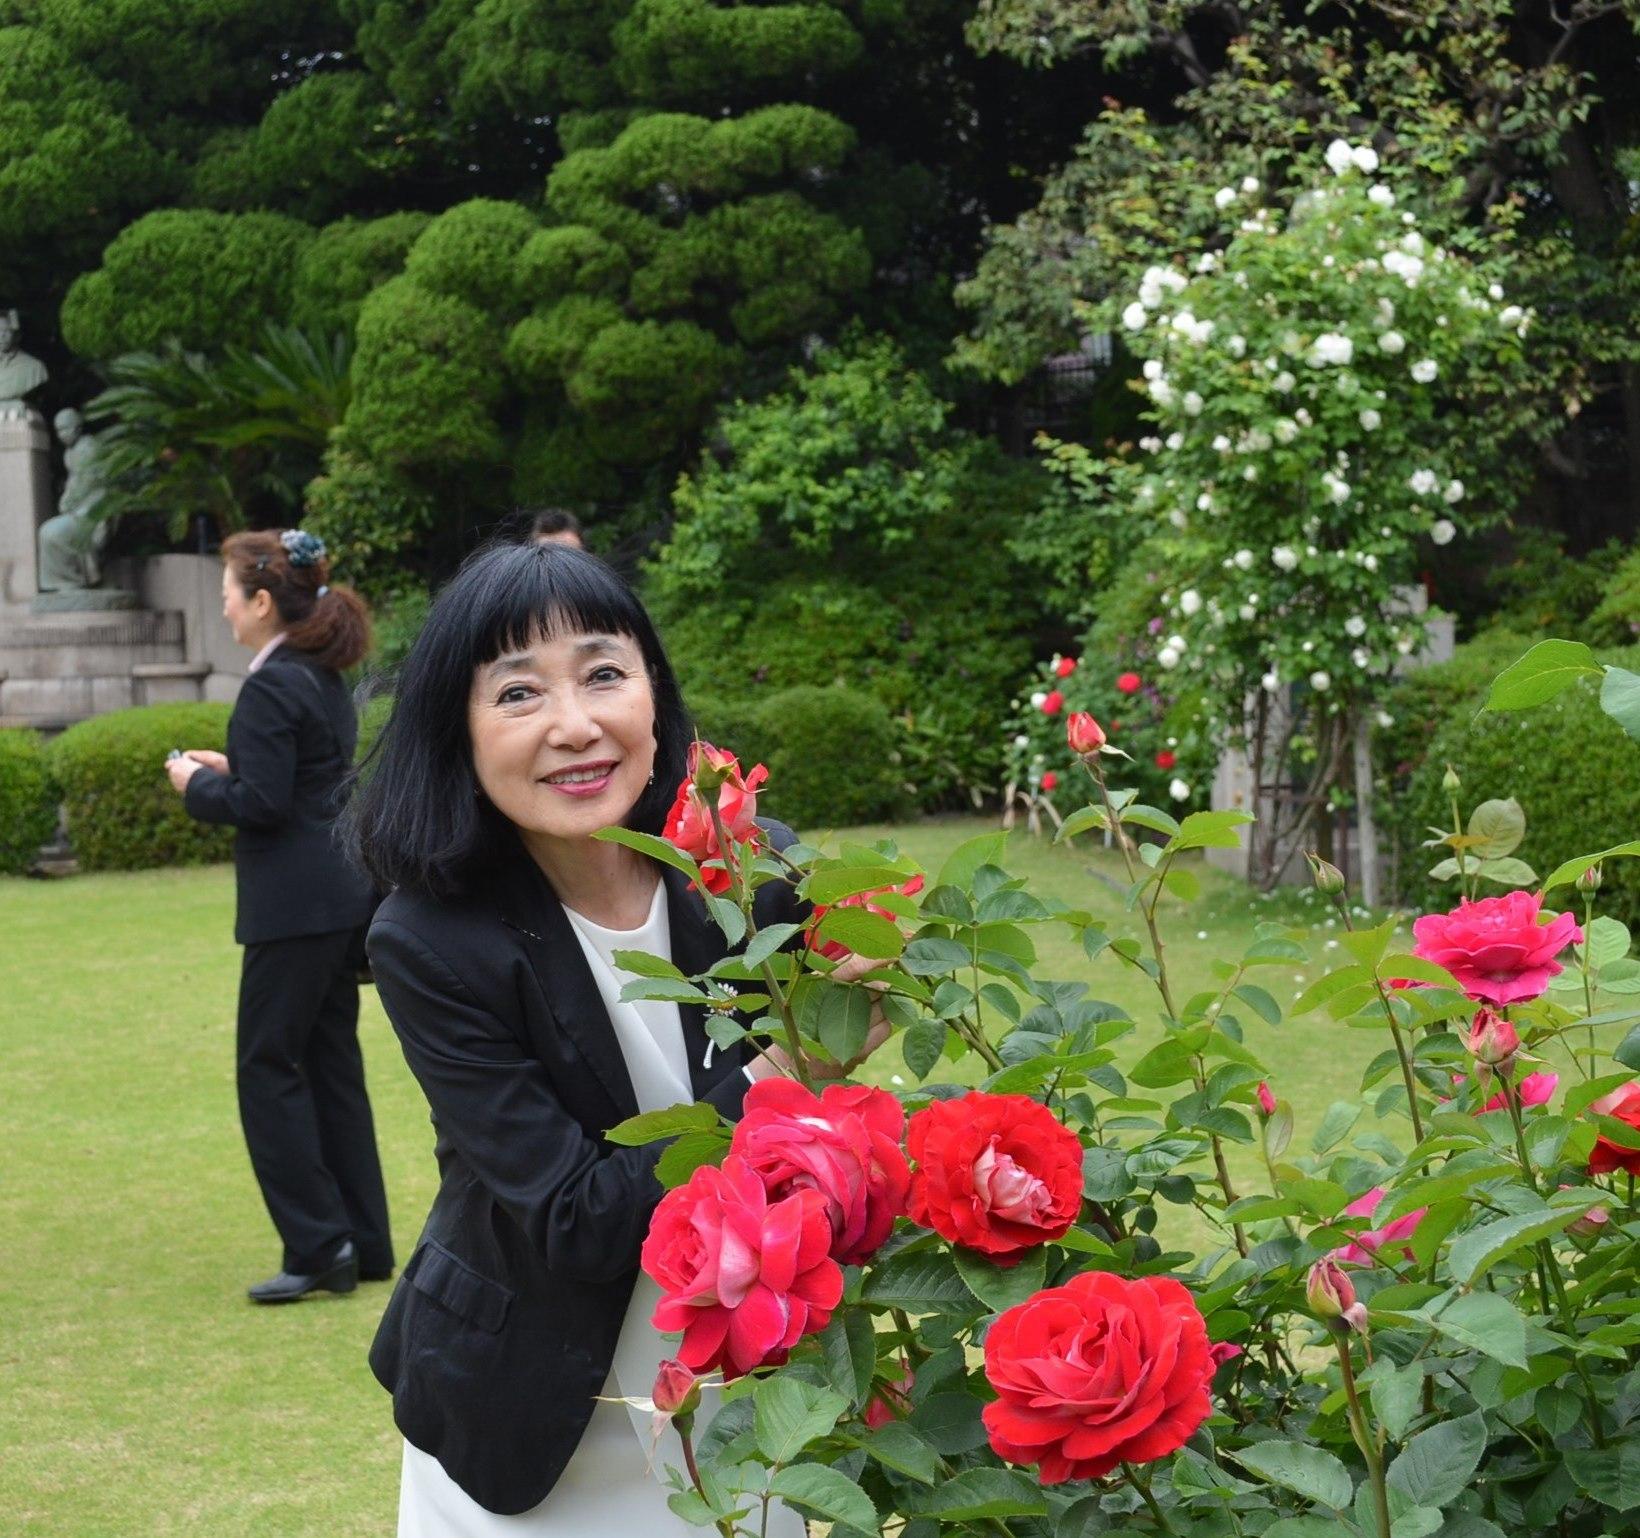 鳩山會館 最新情報トルコのバラが植樹されました!